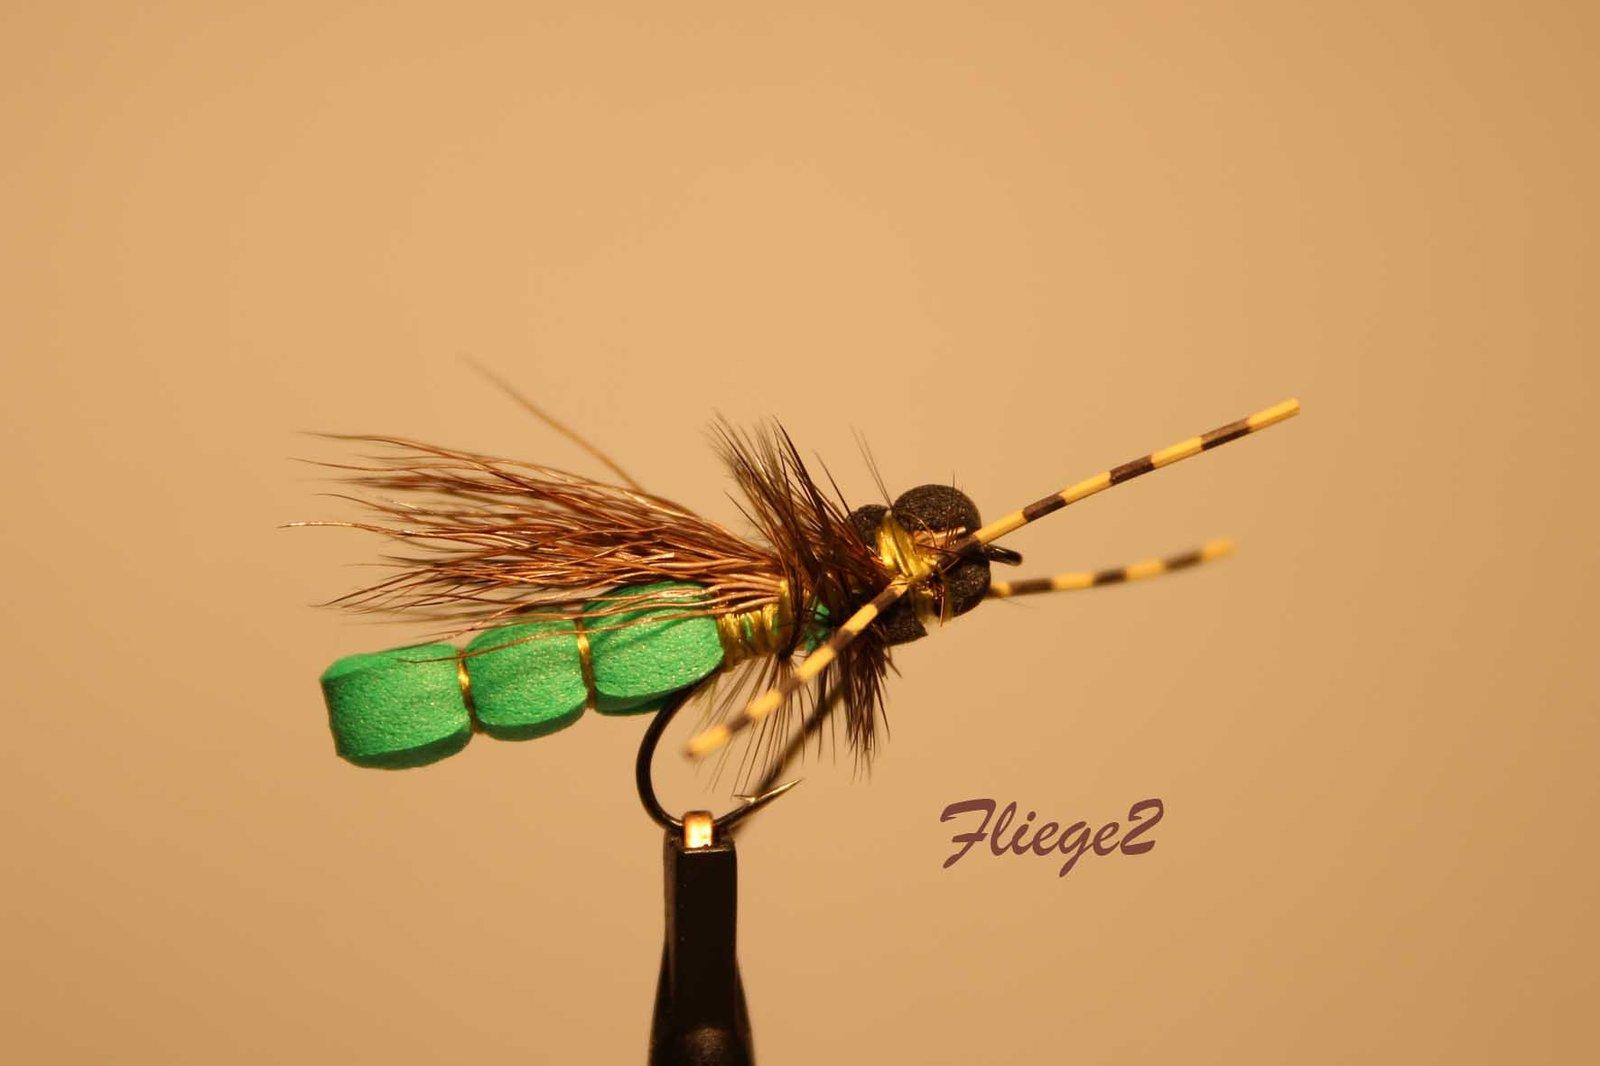 Fliege2_IMG_1784.jpg